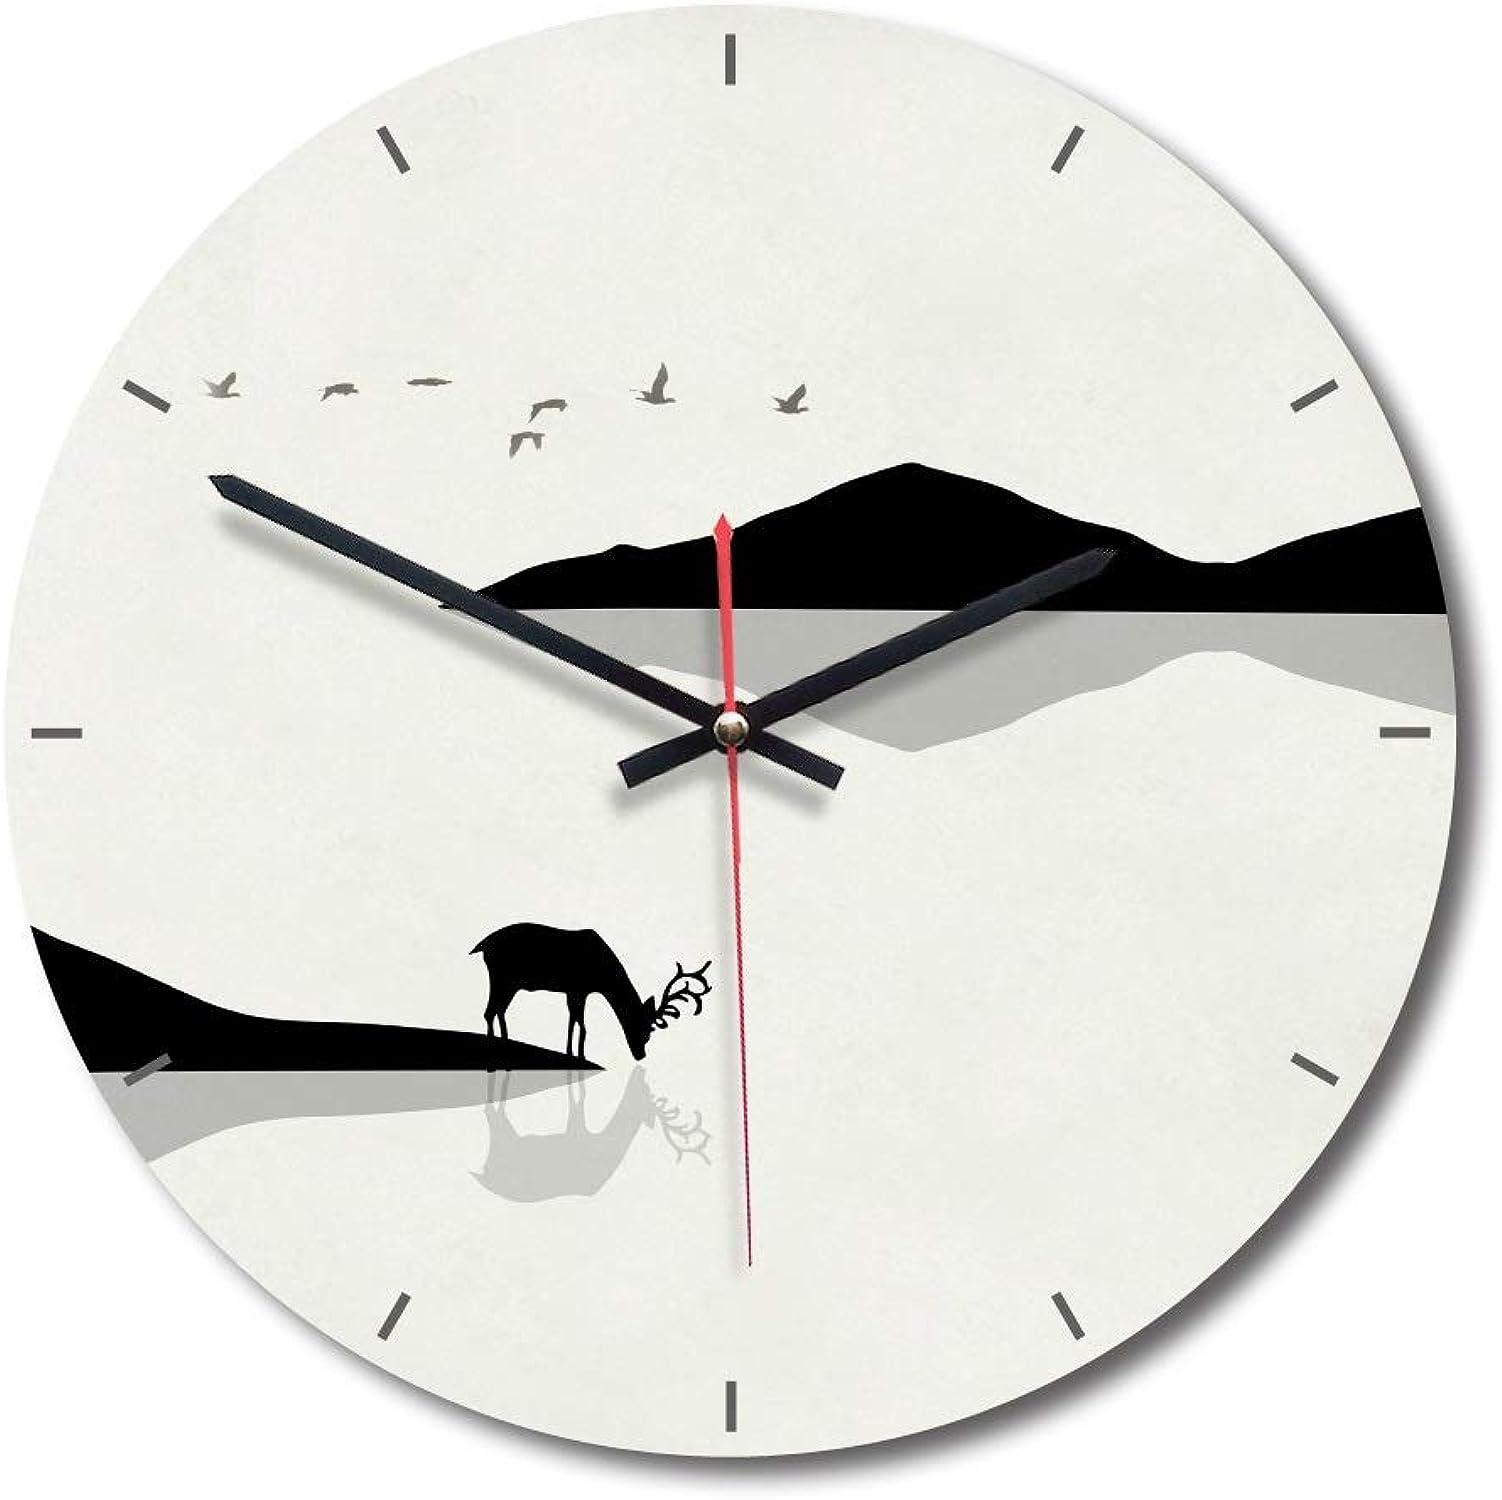 barato en línea MU MU MU Relojes de Parojo para la Sala de Estar Reloj de Parojo Creativo de Madera Maciza, silencioso, Que no Hace tictac, Moderno, Regalo Decorativo rojoondo de 11 Pulgadas (Color   B)  saludable